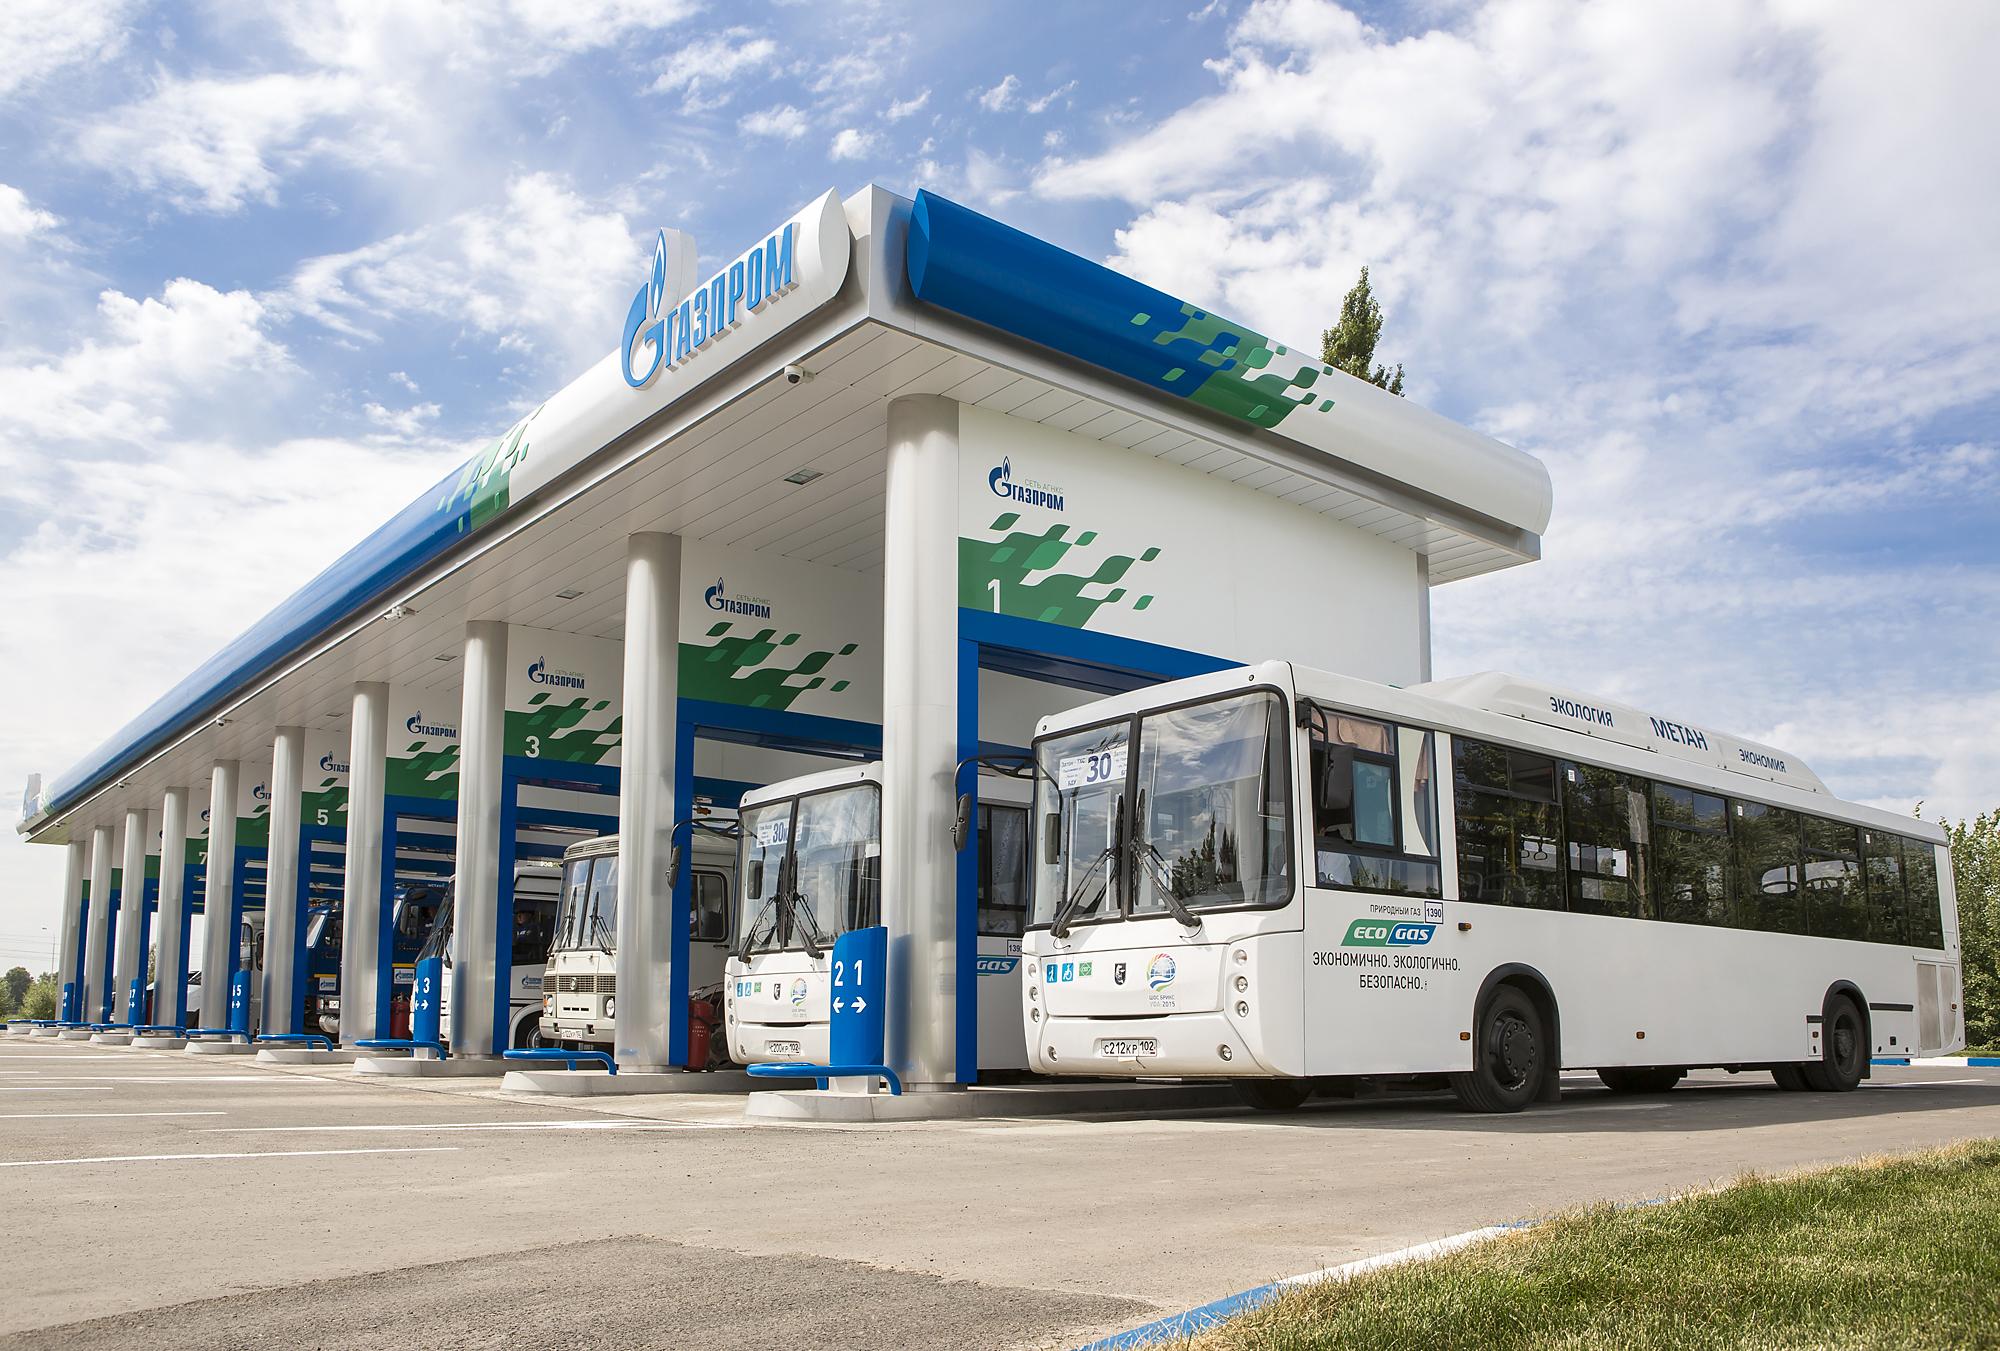 1-я АГНКС в сети Газпрома на Дальнем Востоке откроется в июне 2016 г в Южно-Сахалинске